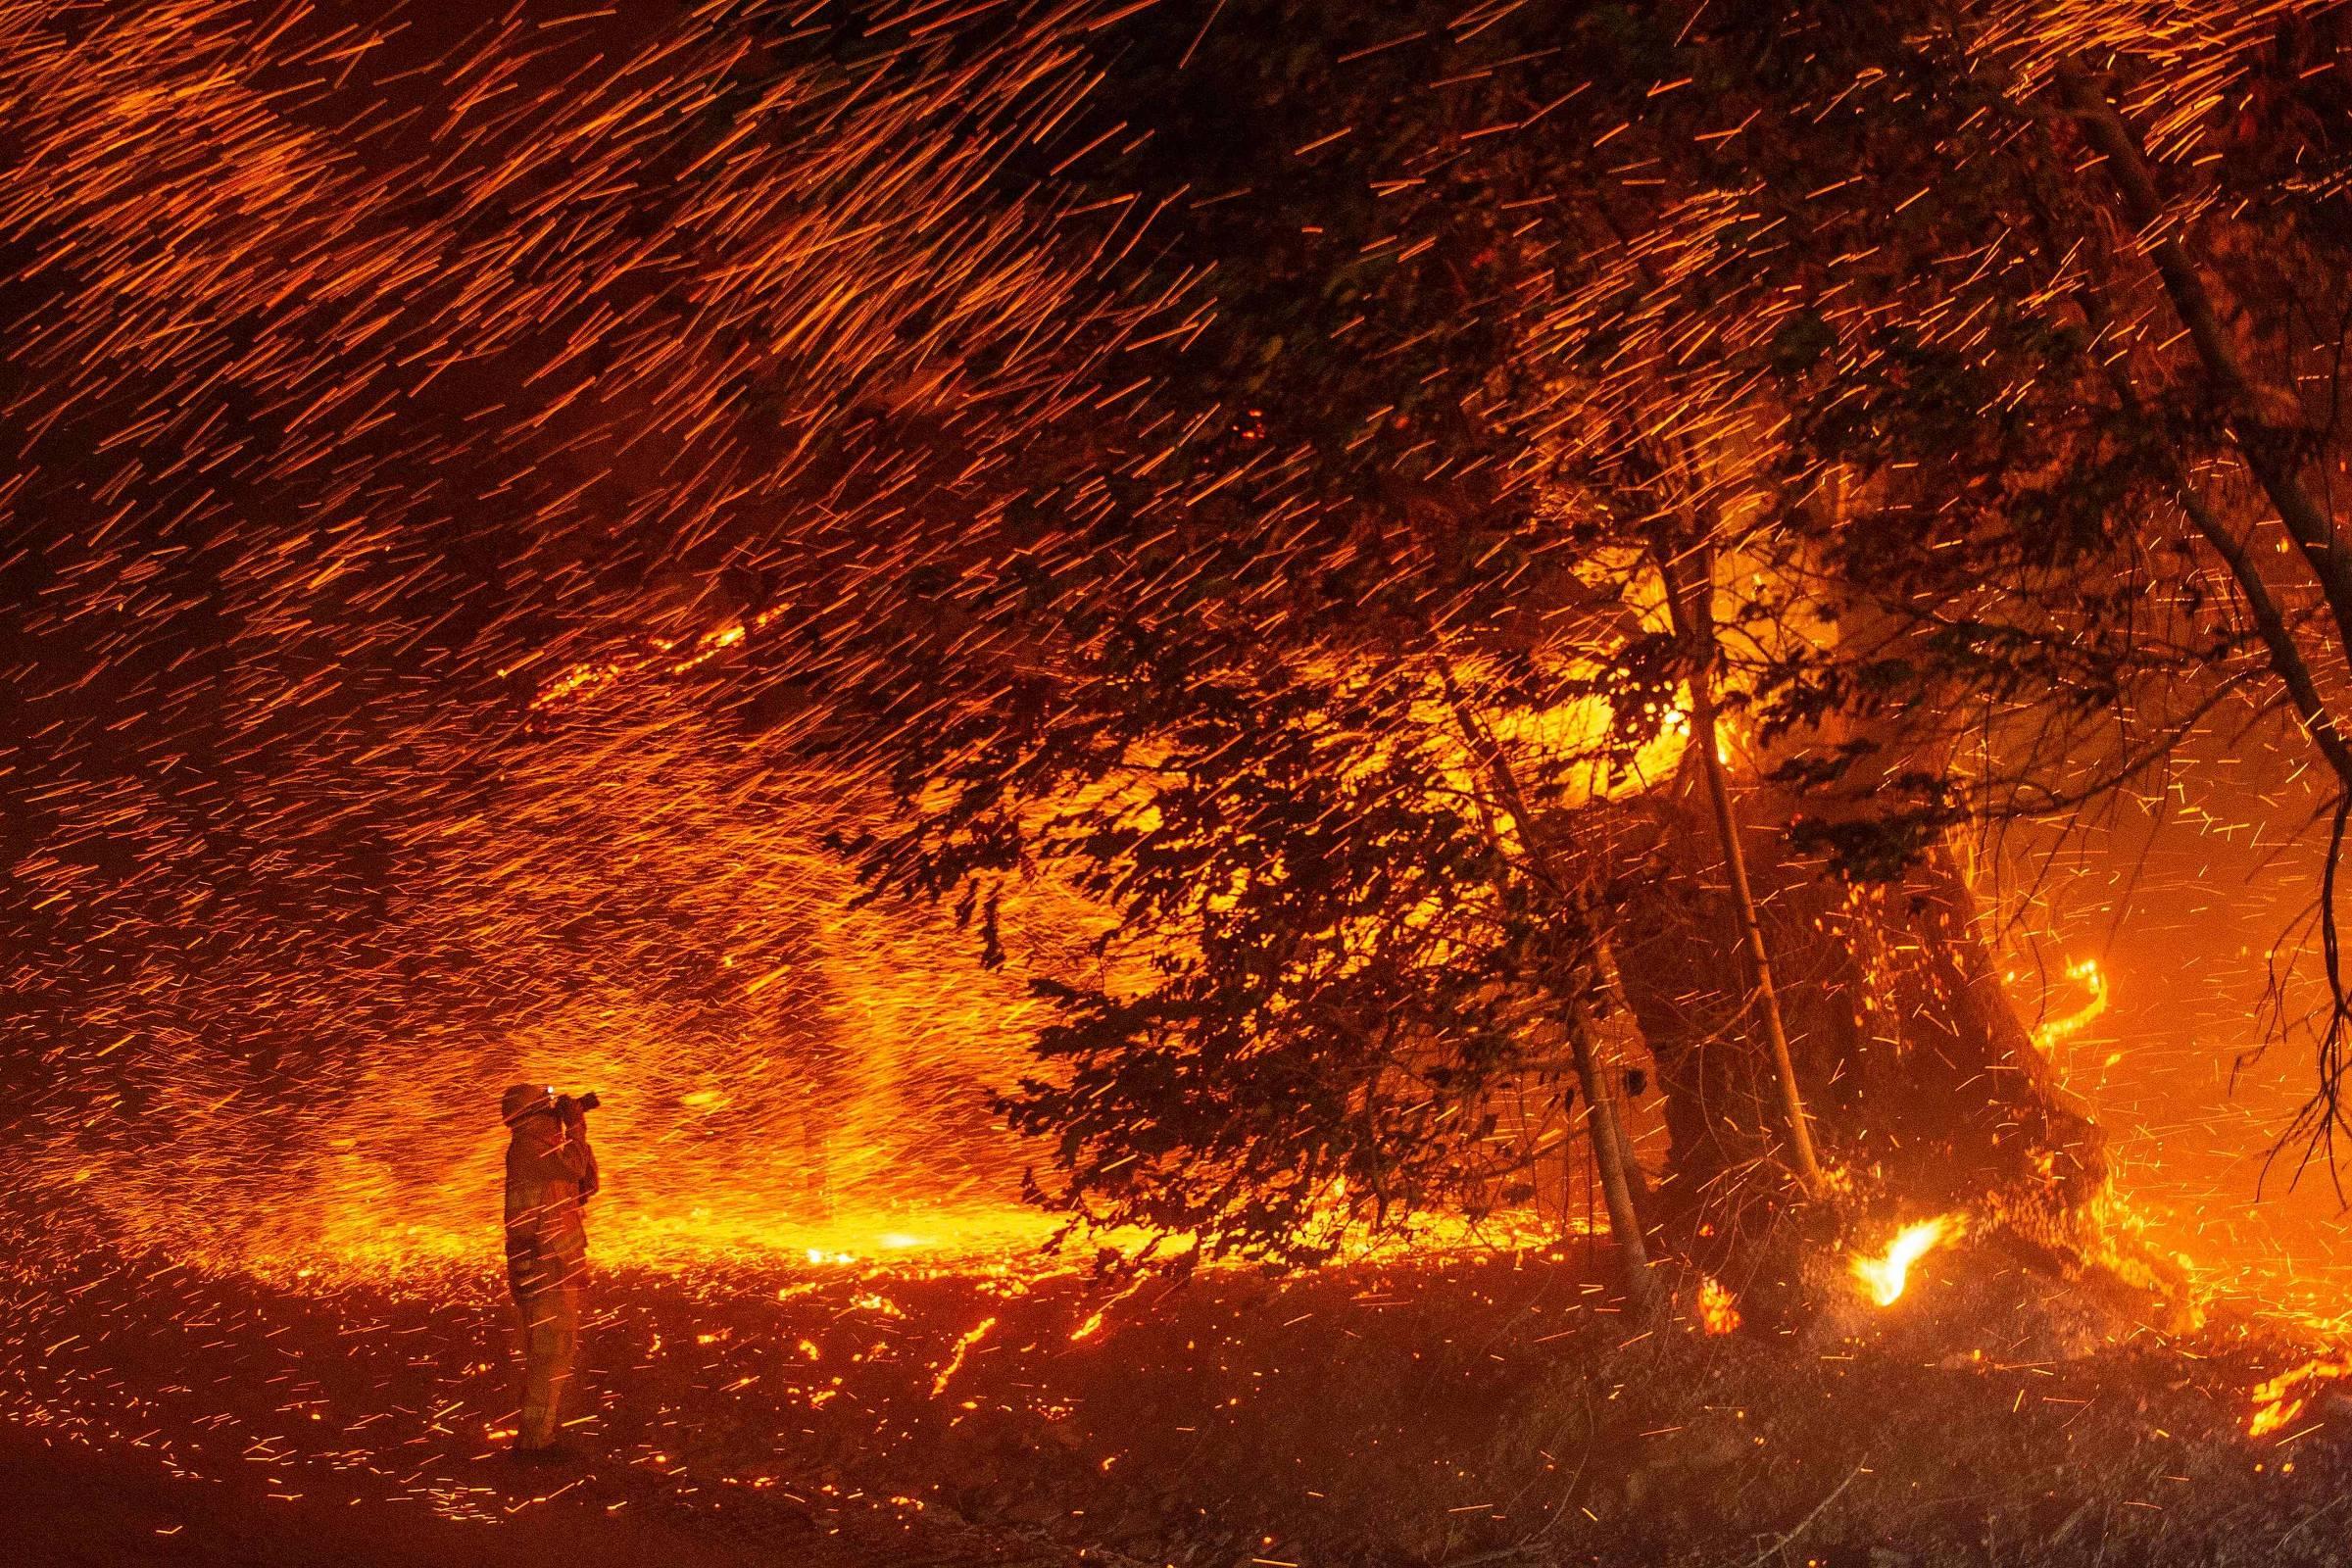 Essas imagens chocantes mostram a devastação dos incêndios nos EUA